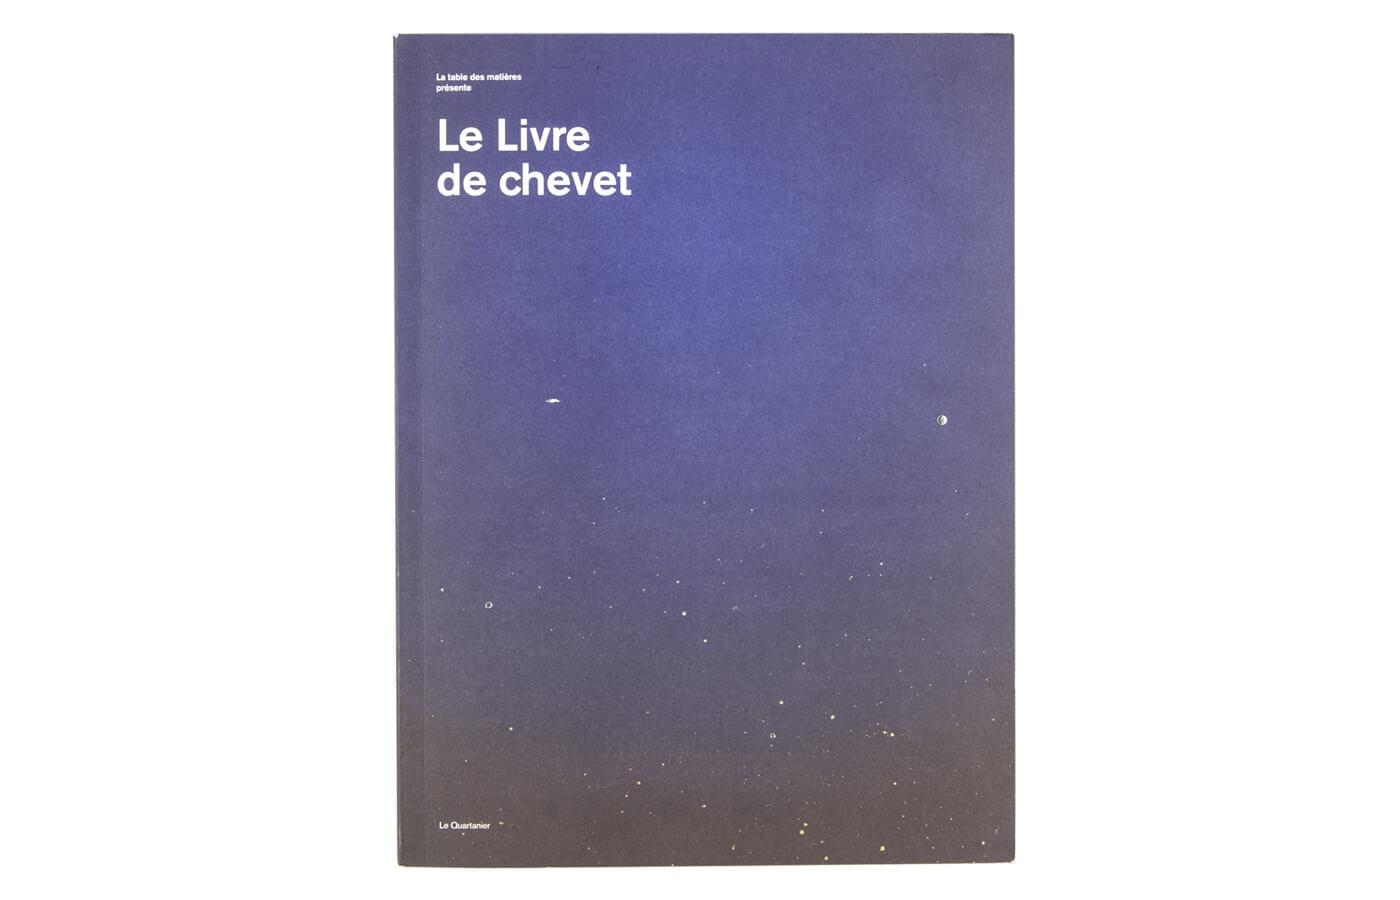 Le livre de chevet